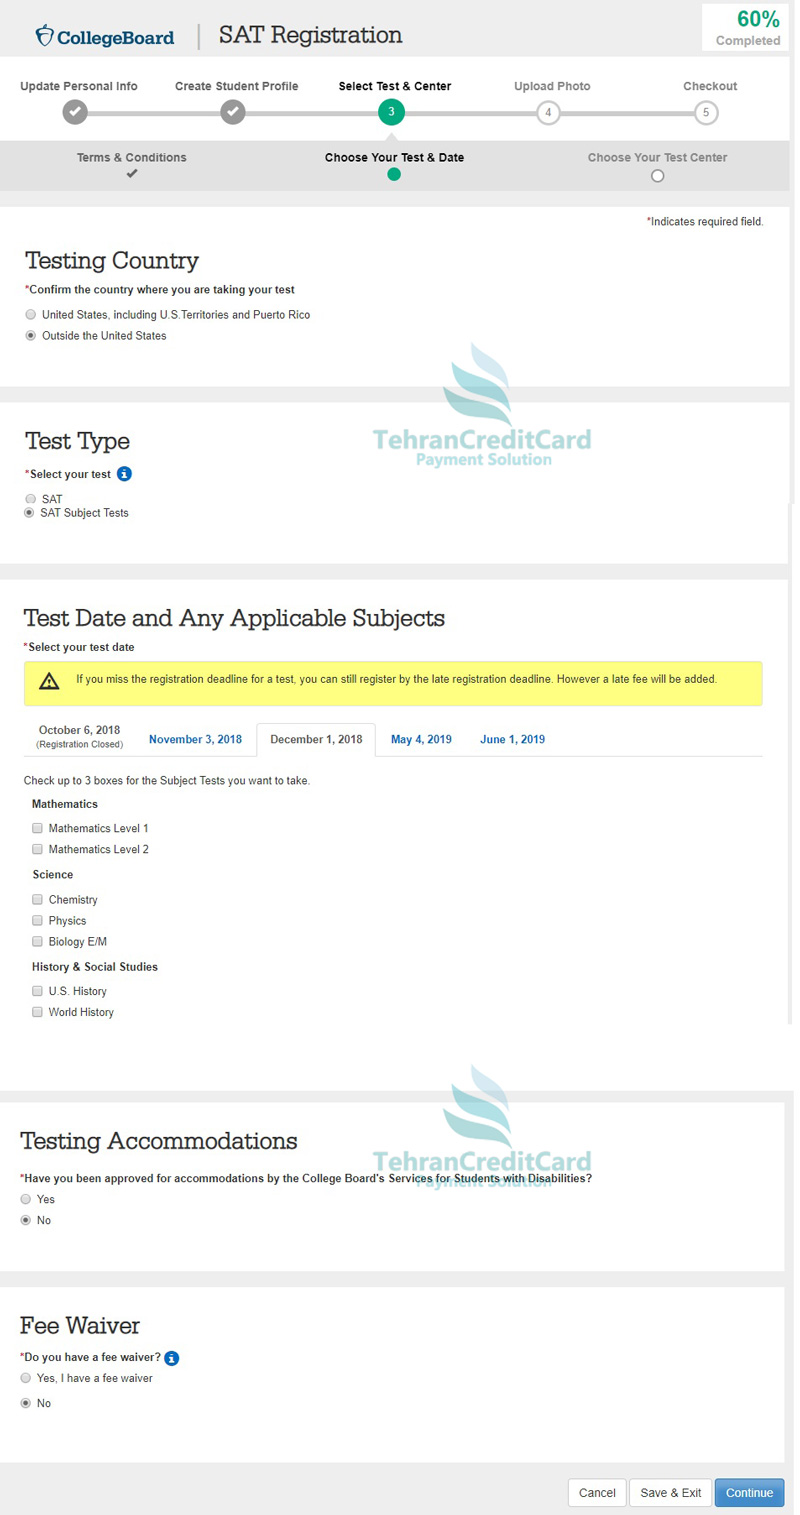 زمان برگزاری آزمون SAT | تهران کردیت کارت